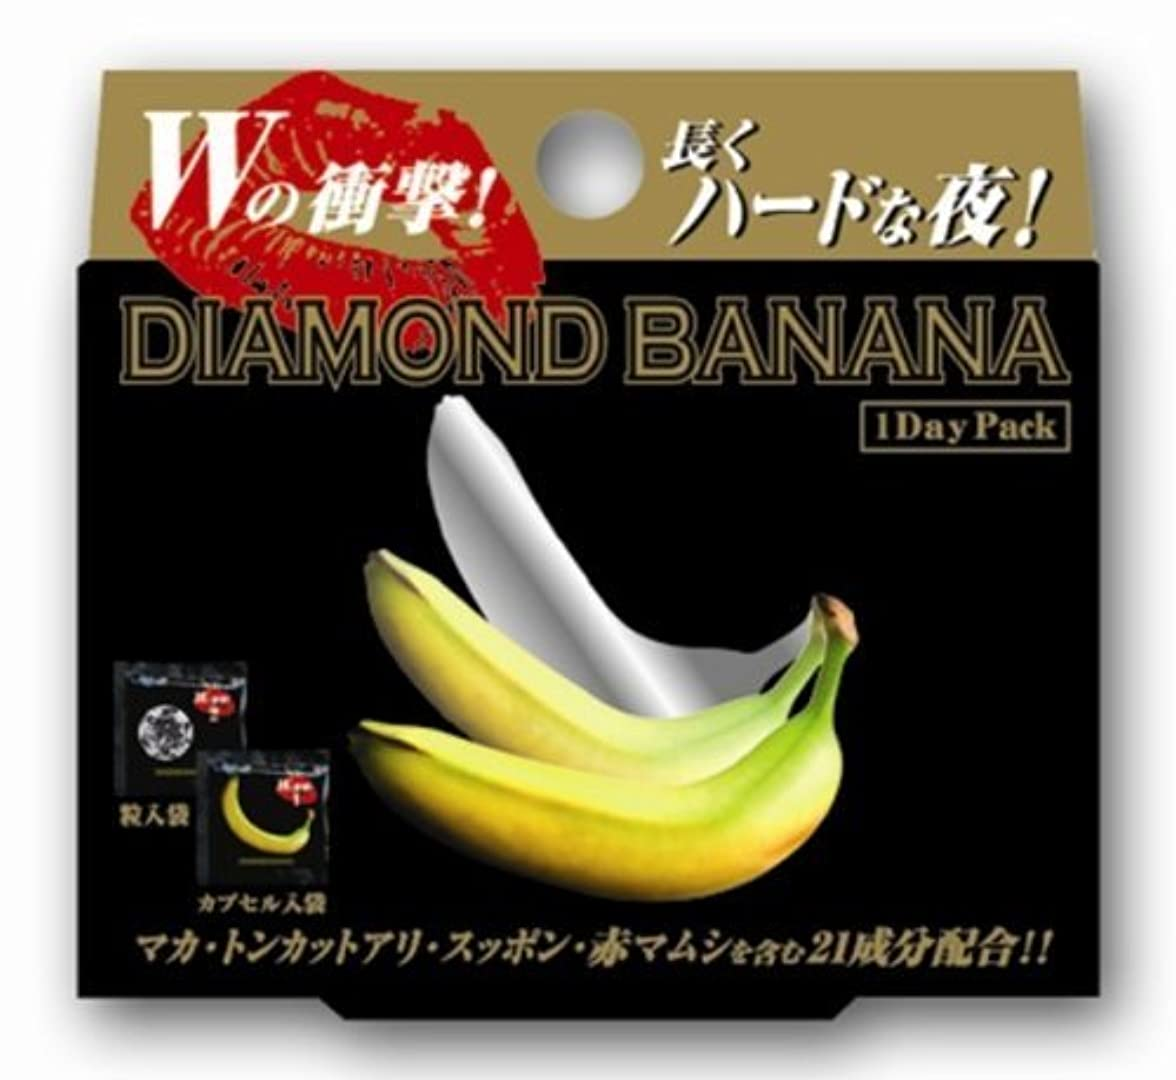 廃棄許可こっそり【2個セット】ダイヤモンドバナナ 1DAYパック